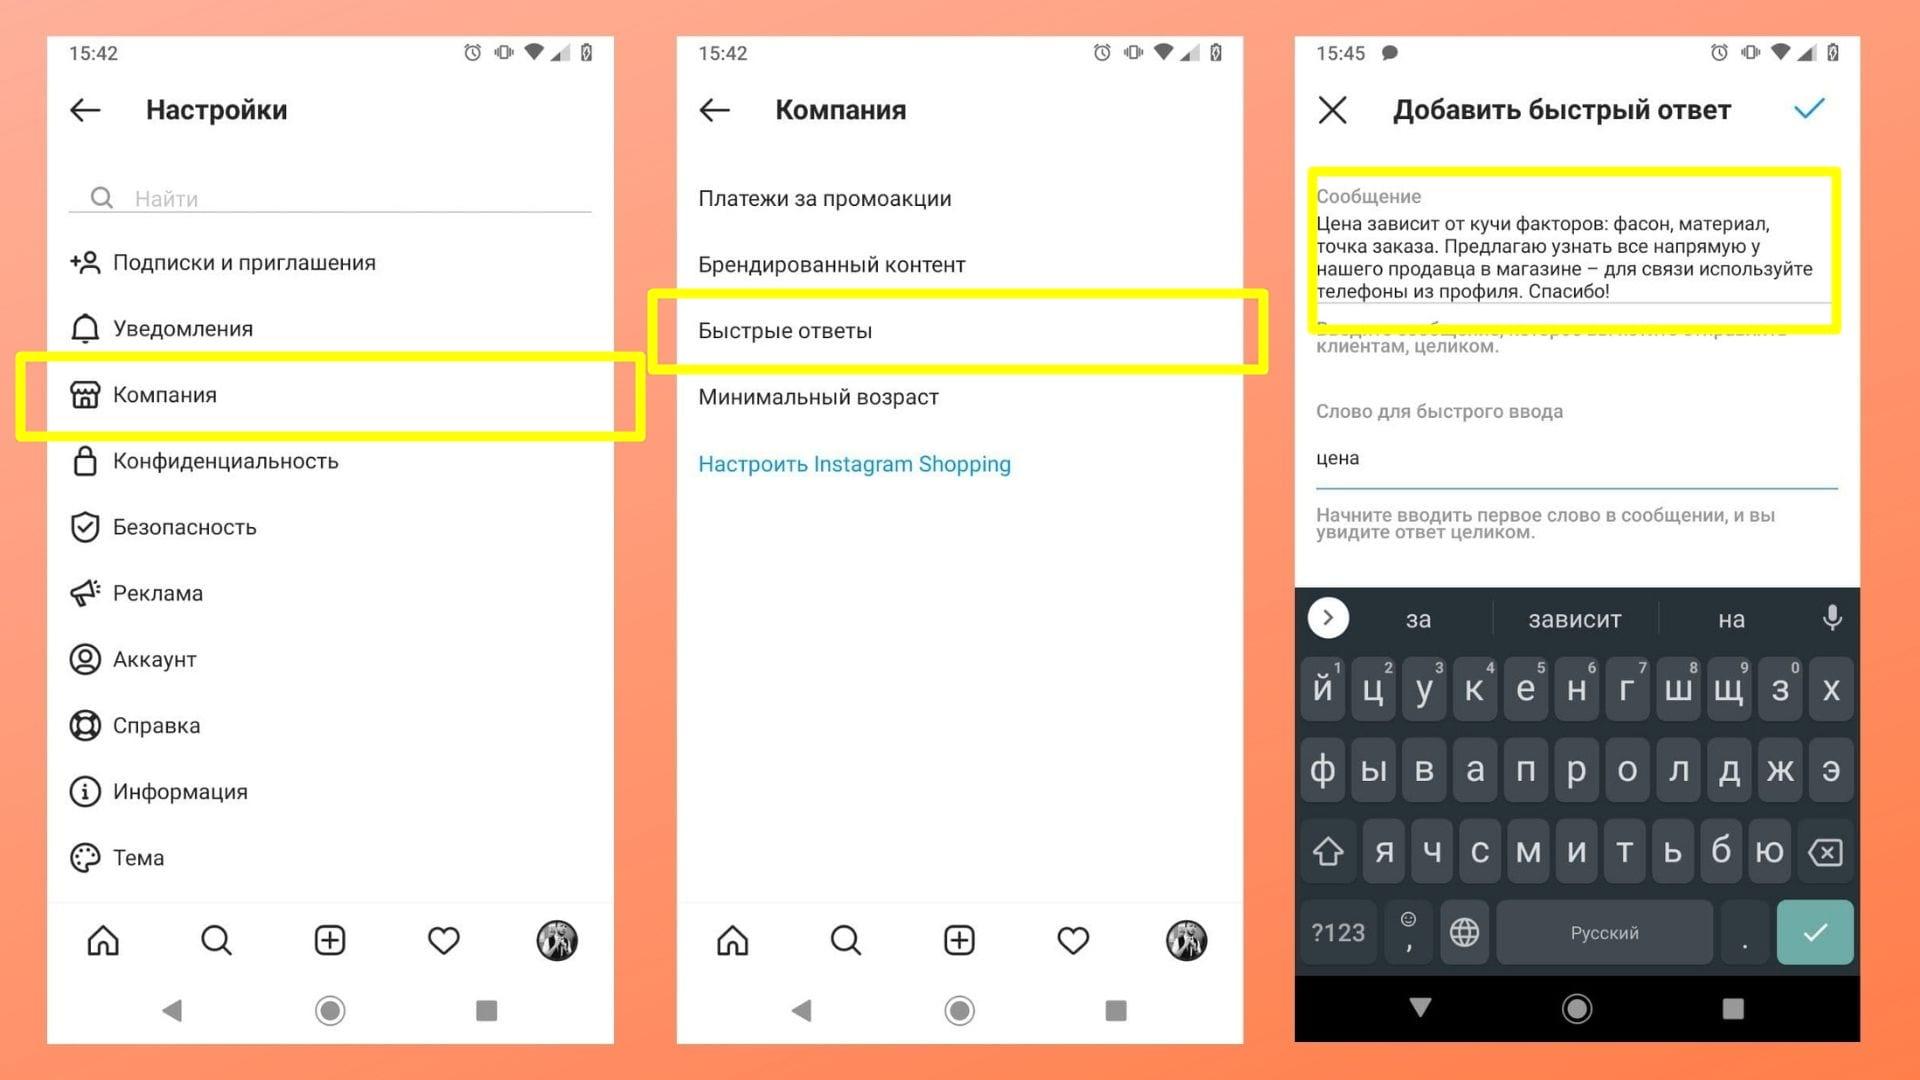 Как добавить быстрый ответ в Инстаграм